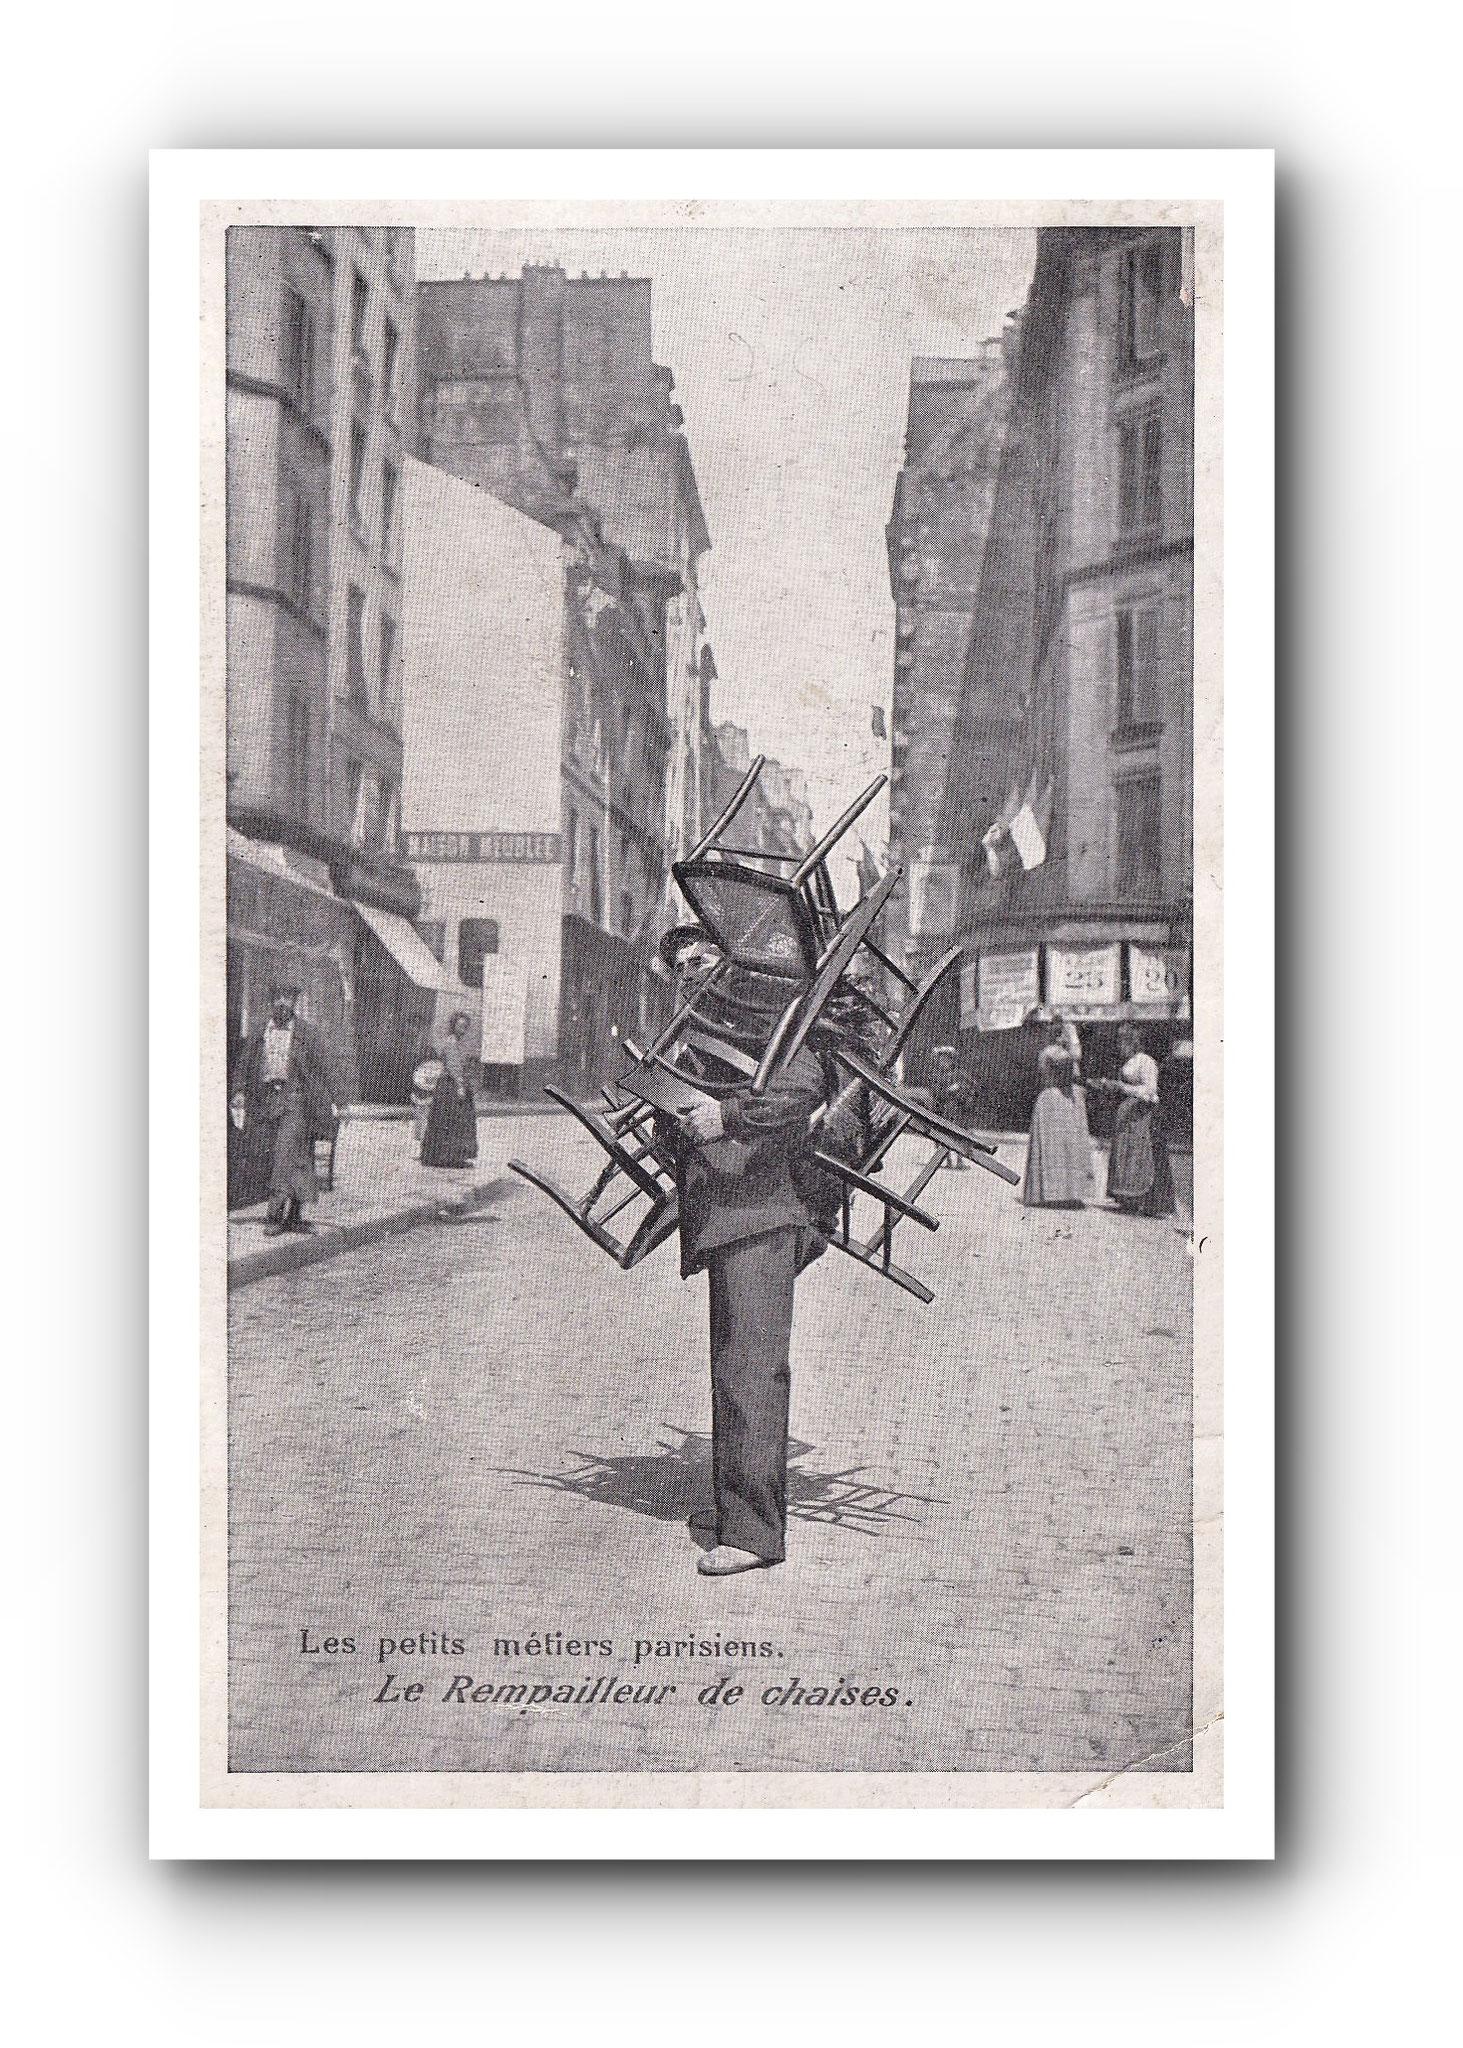 PARIS - Le rempailleur de chaises - Der Stuhlflechter - The chair remaker